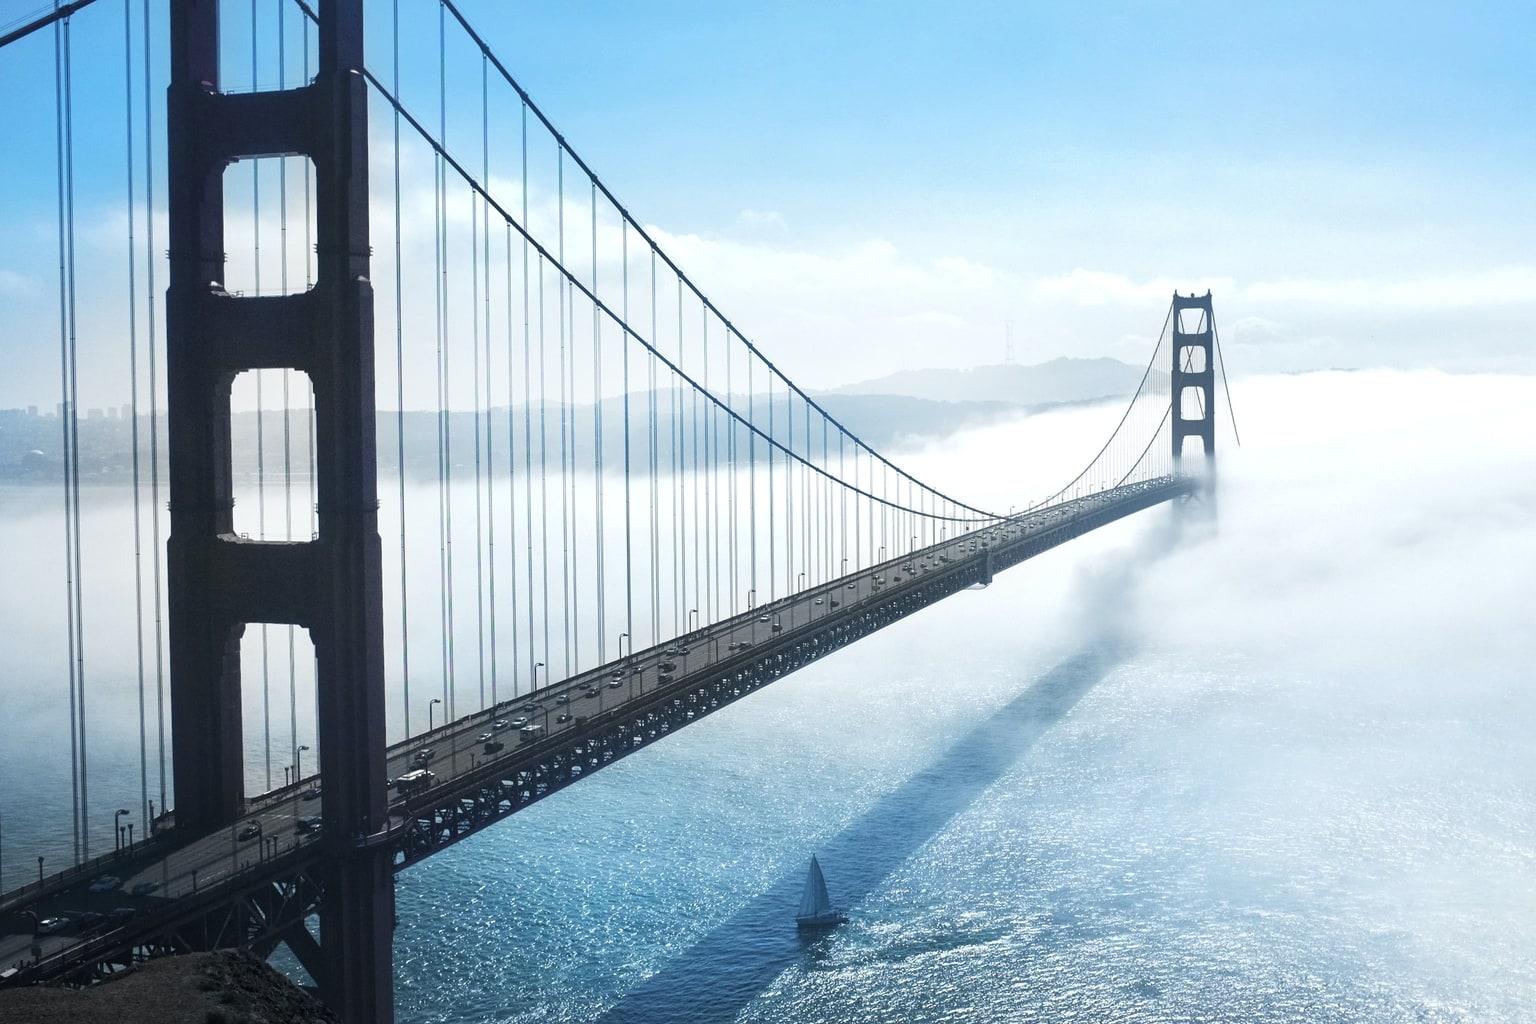 Puente para el fotoreto62